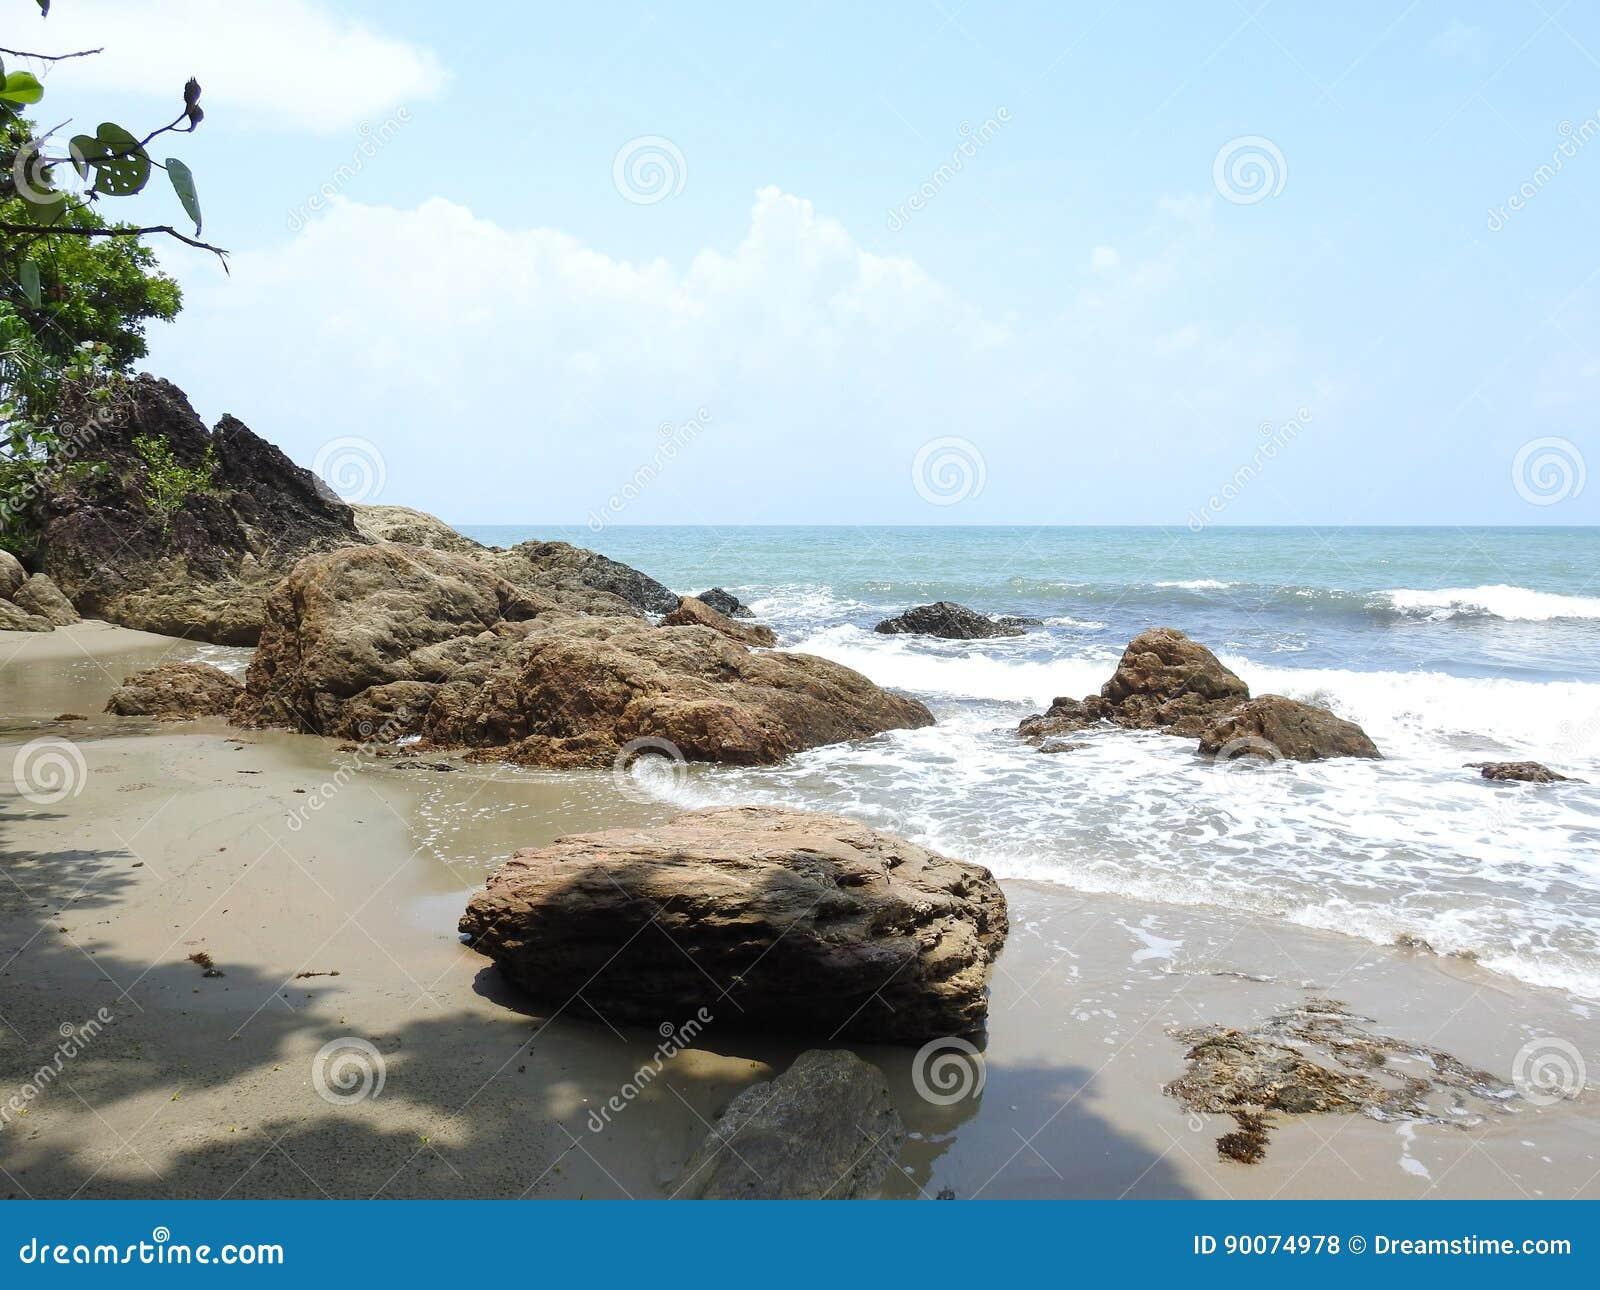 Wir zatoki plaża